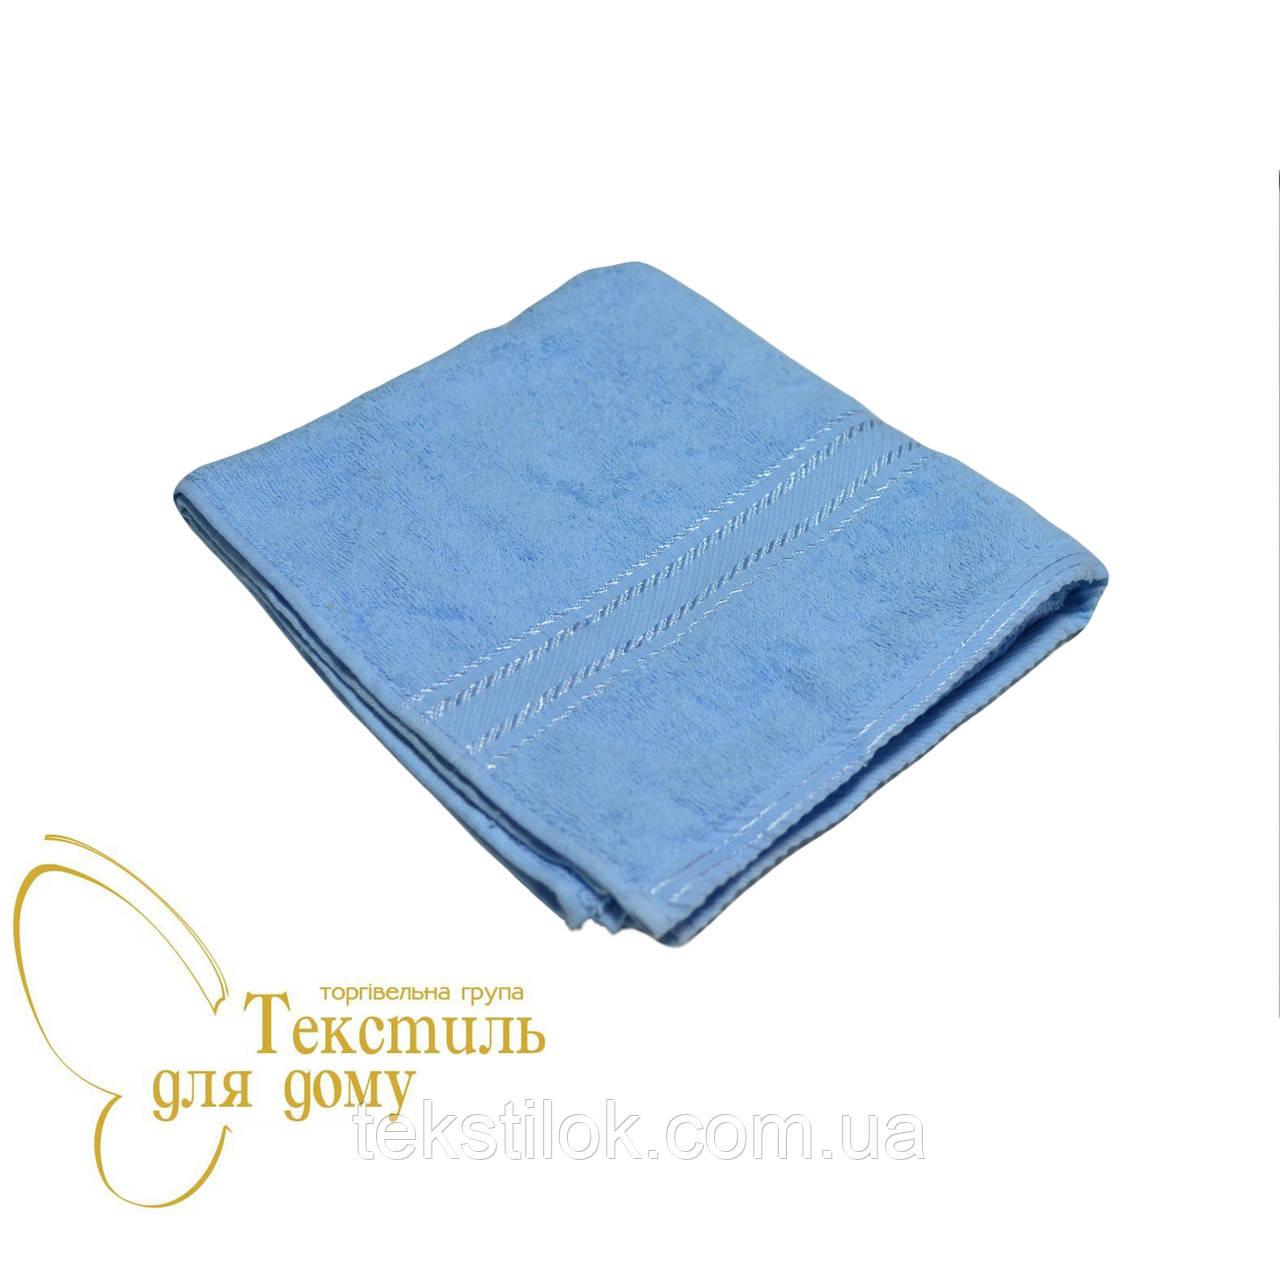 Полотенце лицевое 50*100, 420 гр/м2,16/1, светло-голубое